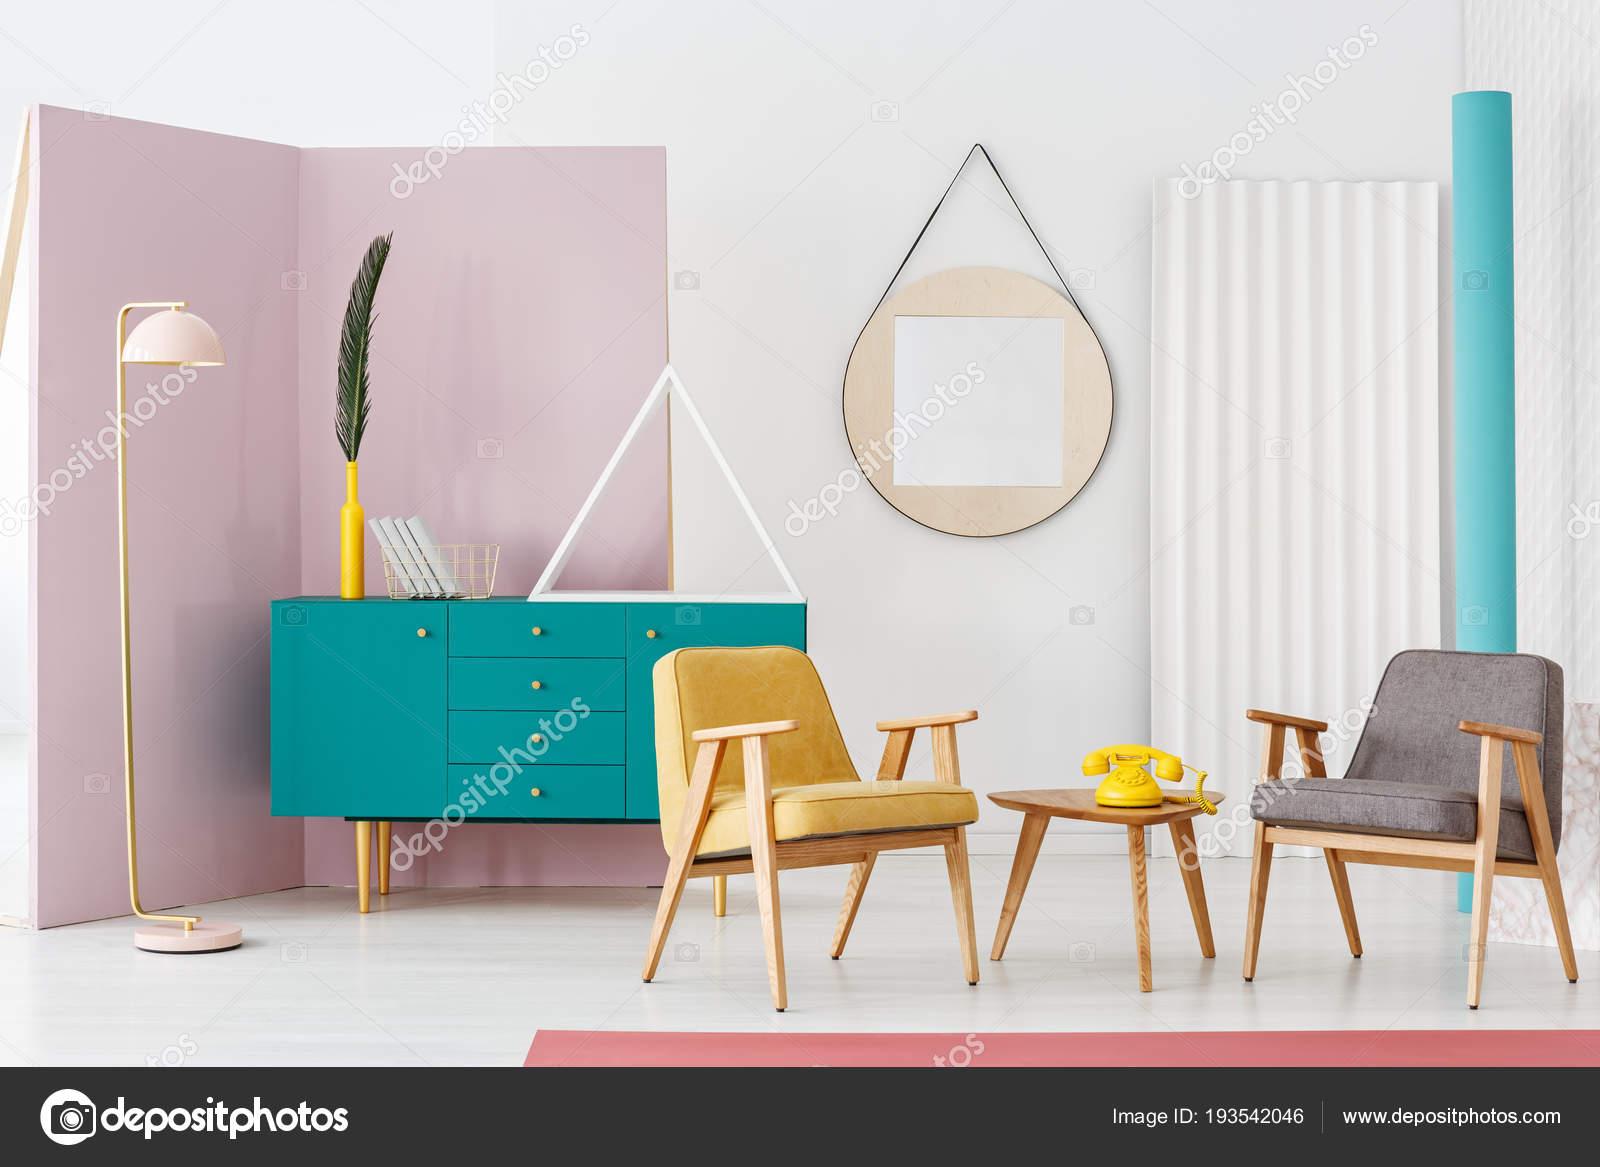 Lampadaire Rose Créatif Pastel Dans Intérieur Moderne Coloré ...